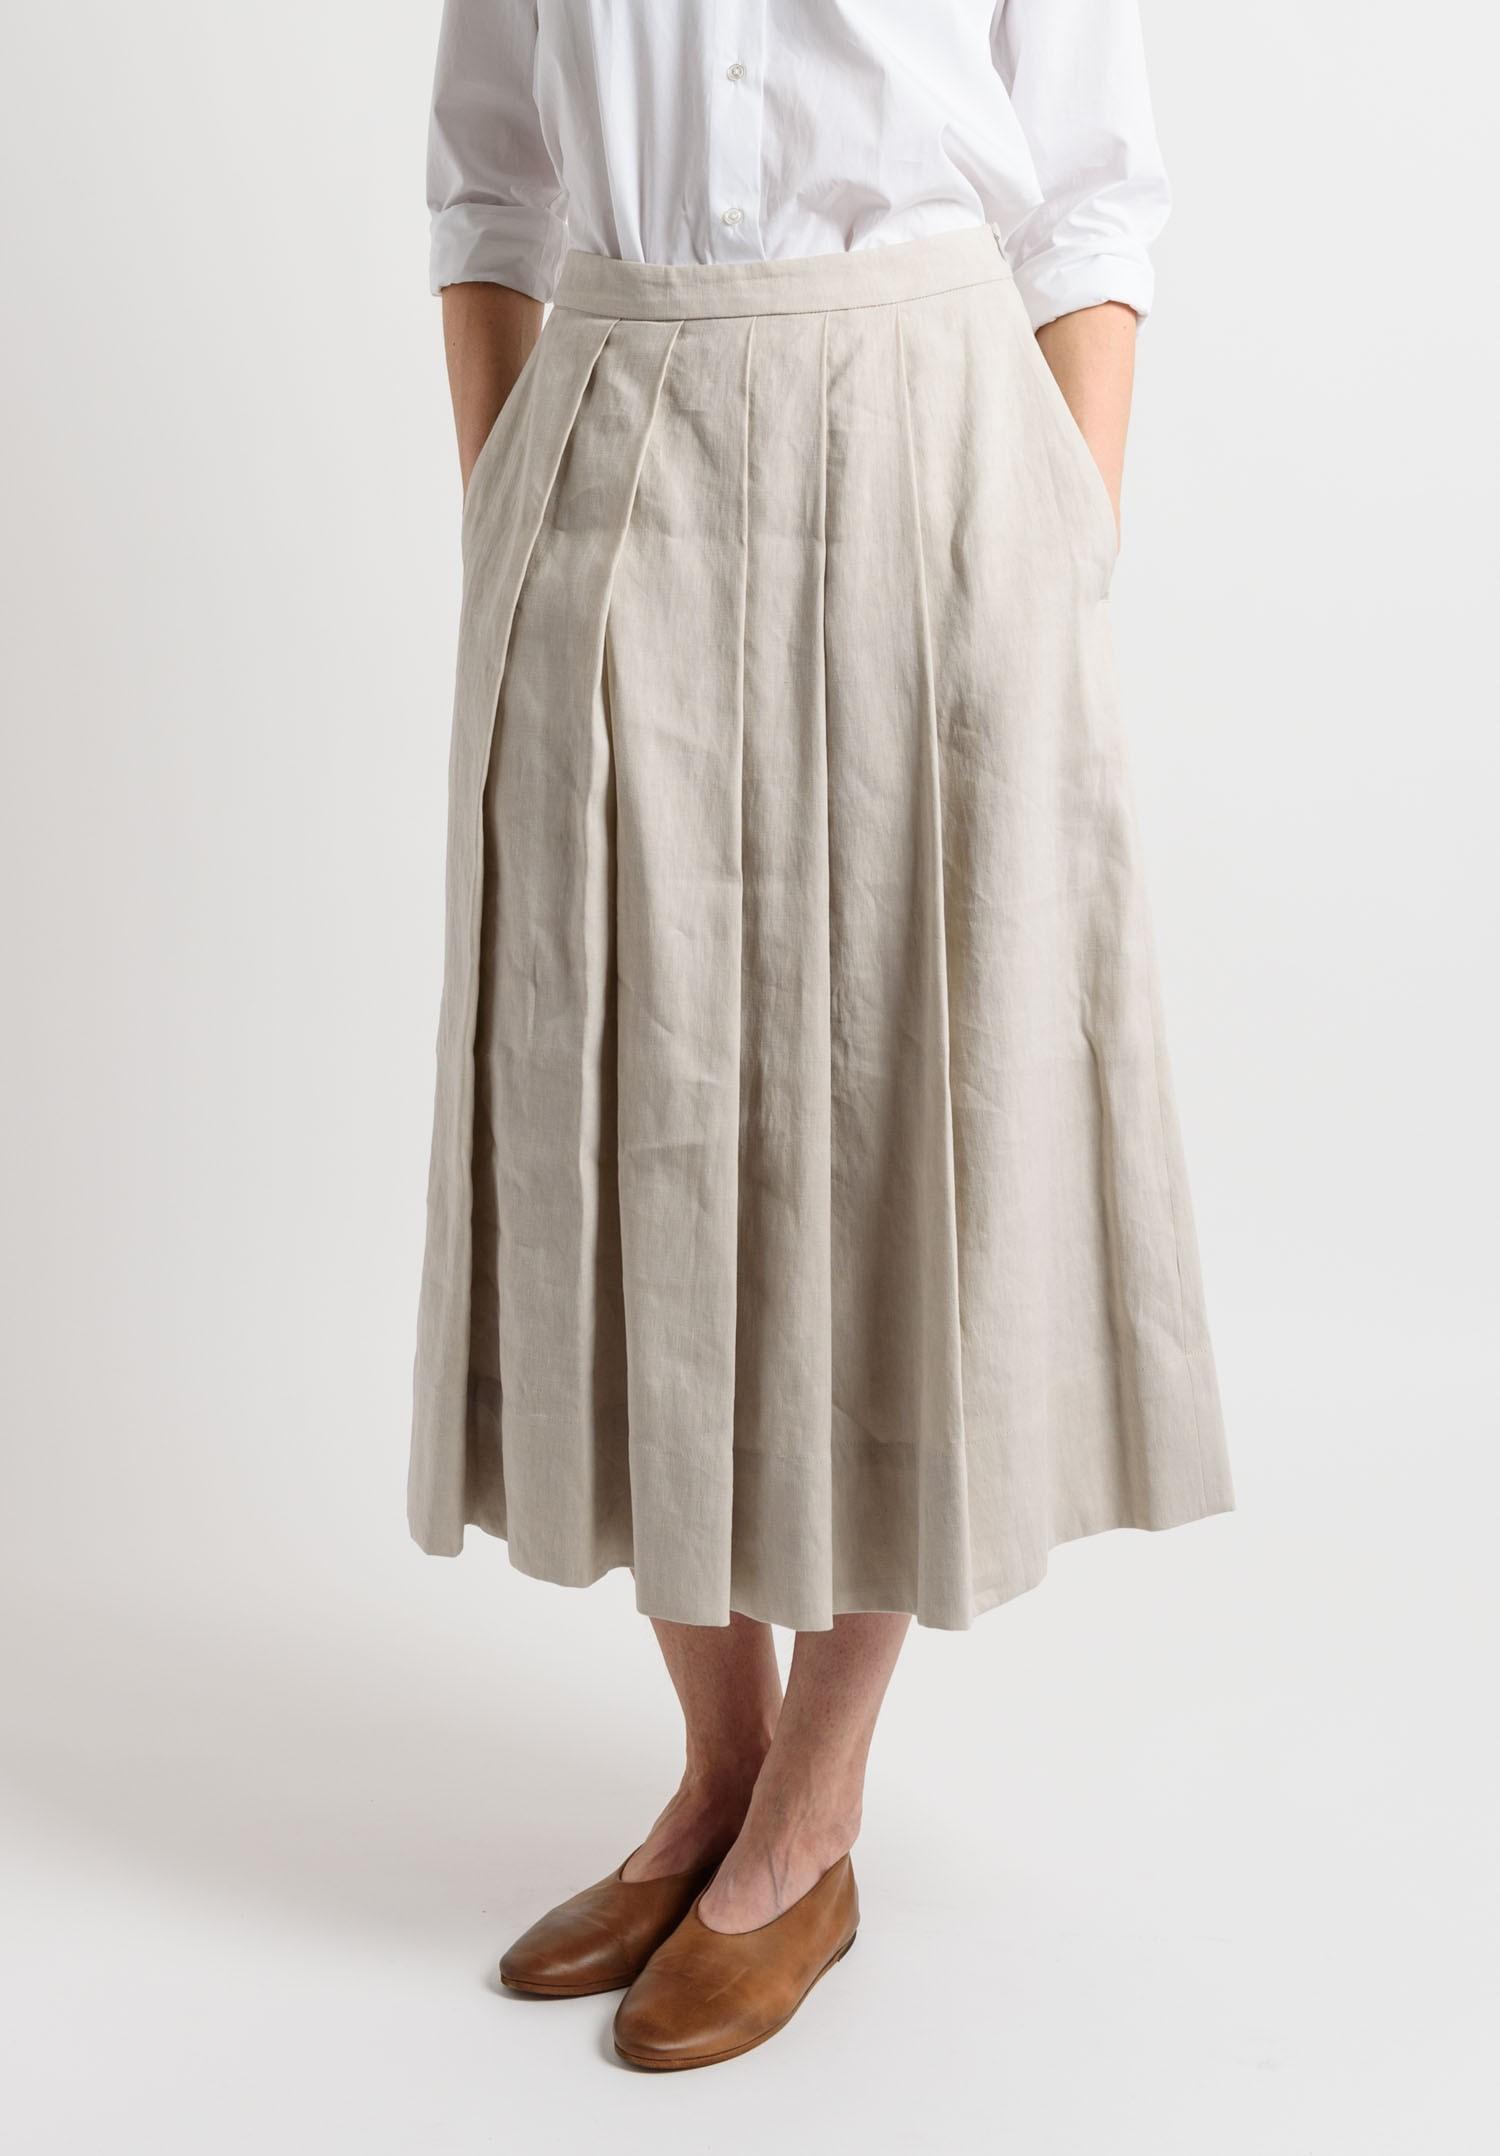 pauw pleated skirt in beige santa fe goods